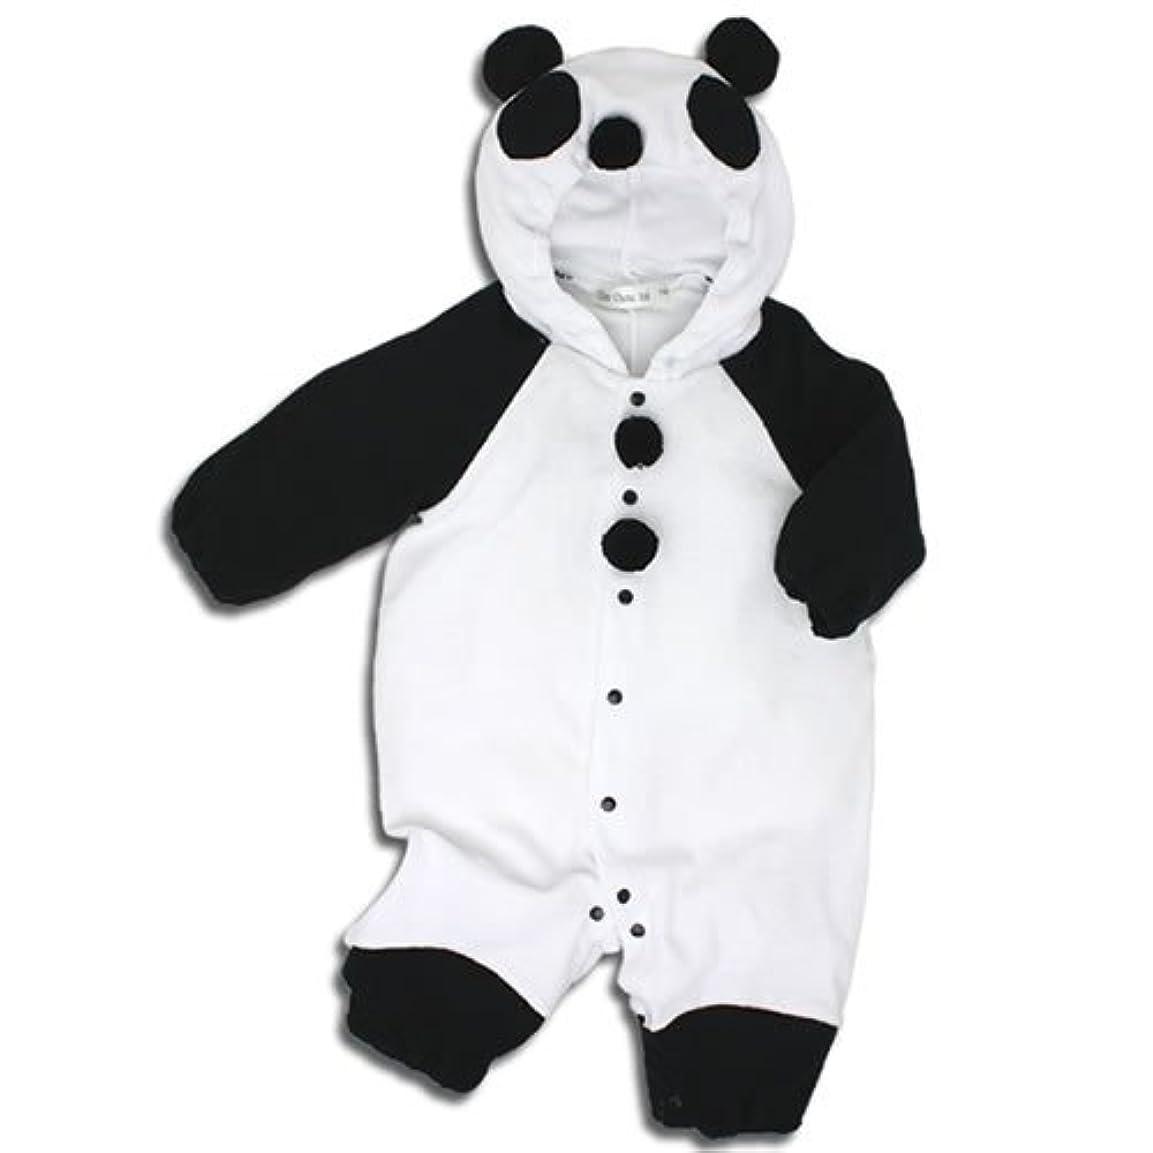 養うスピリチュアル無効【パンダ】着ぐるみ フード付き カバーオール 70cm ベビー コスチューム